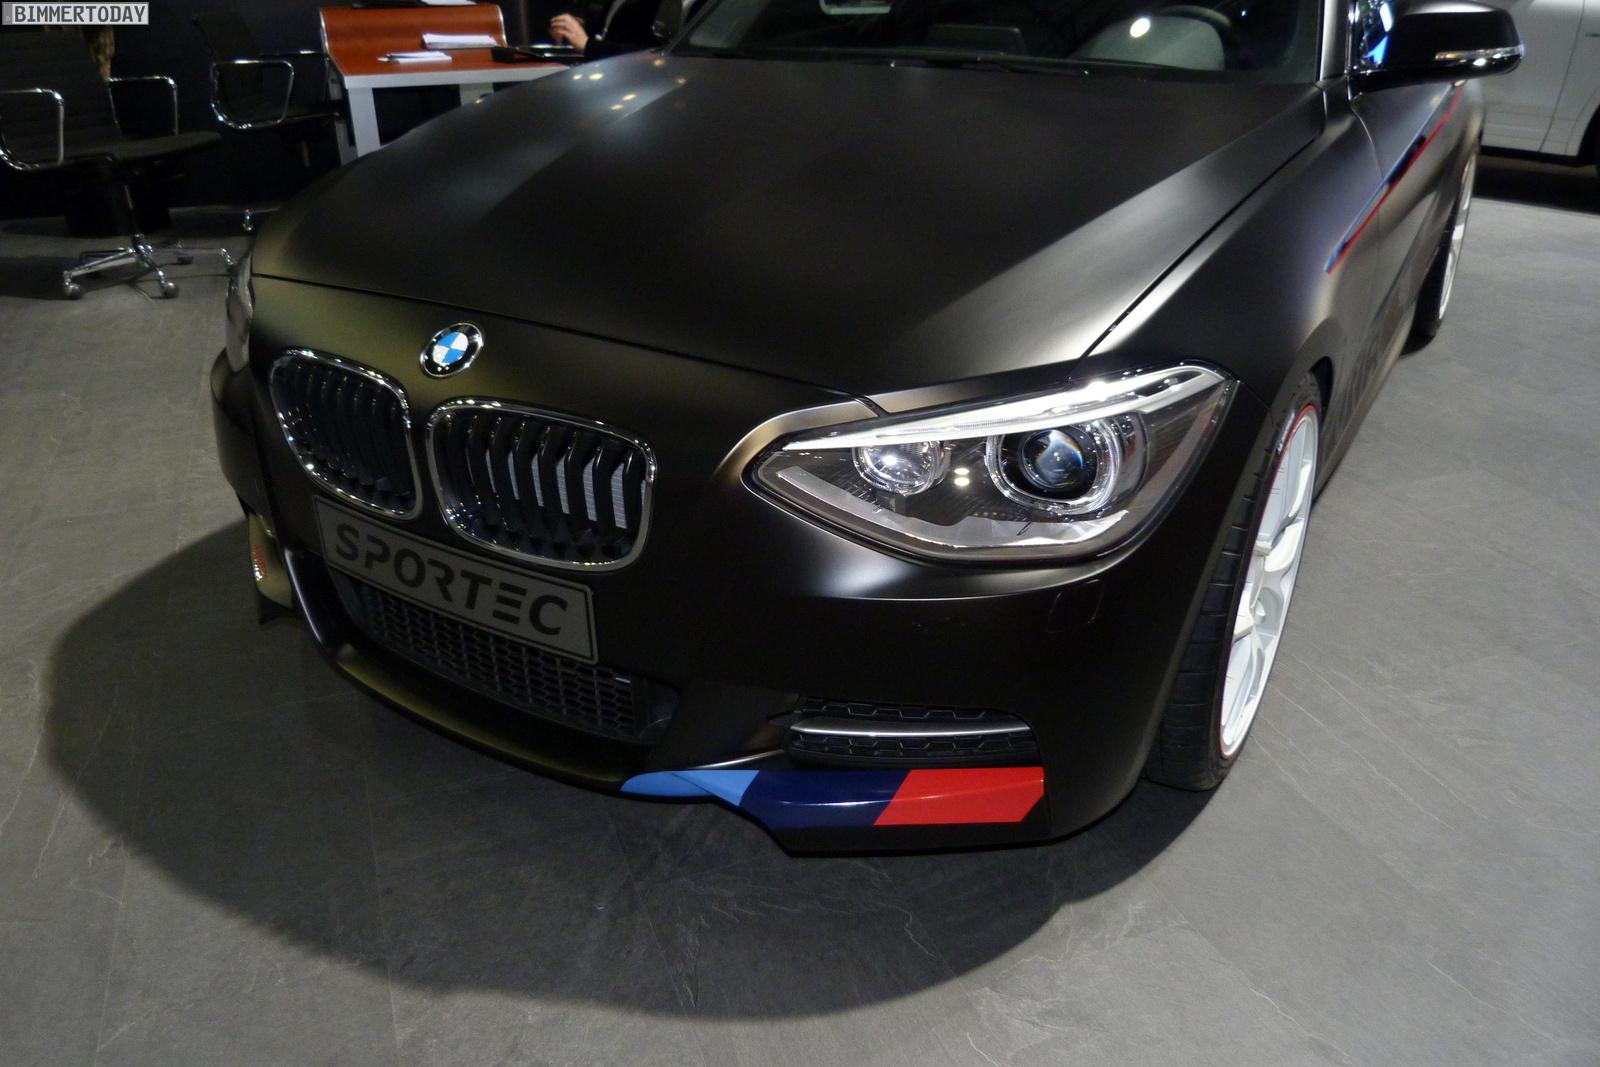 Sportec BMW M135i Tuning 370PS Autosalon Genf 2013 LIVE 01